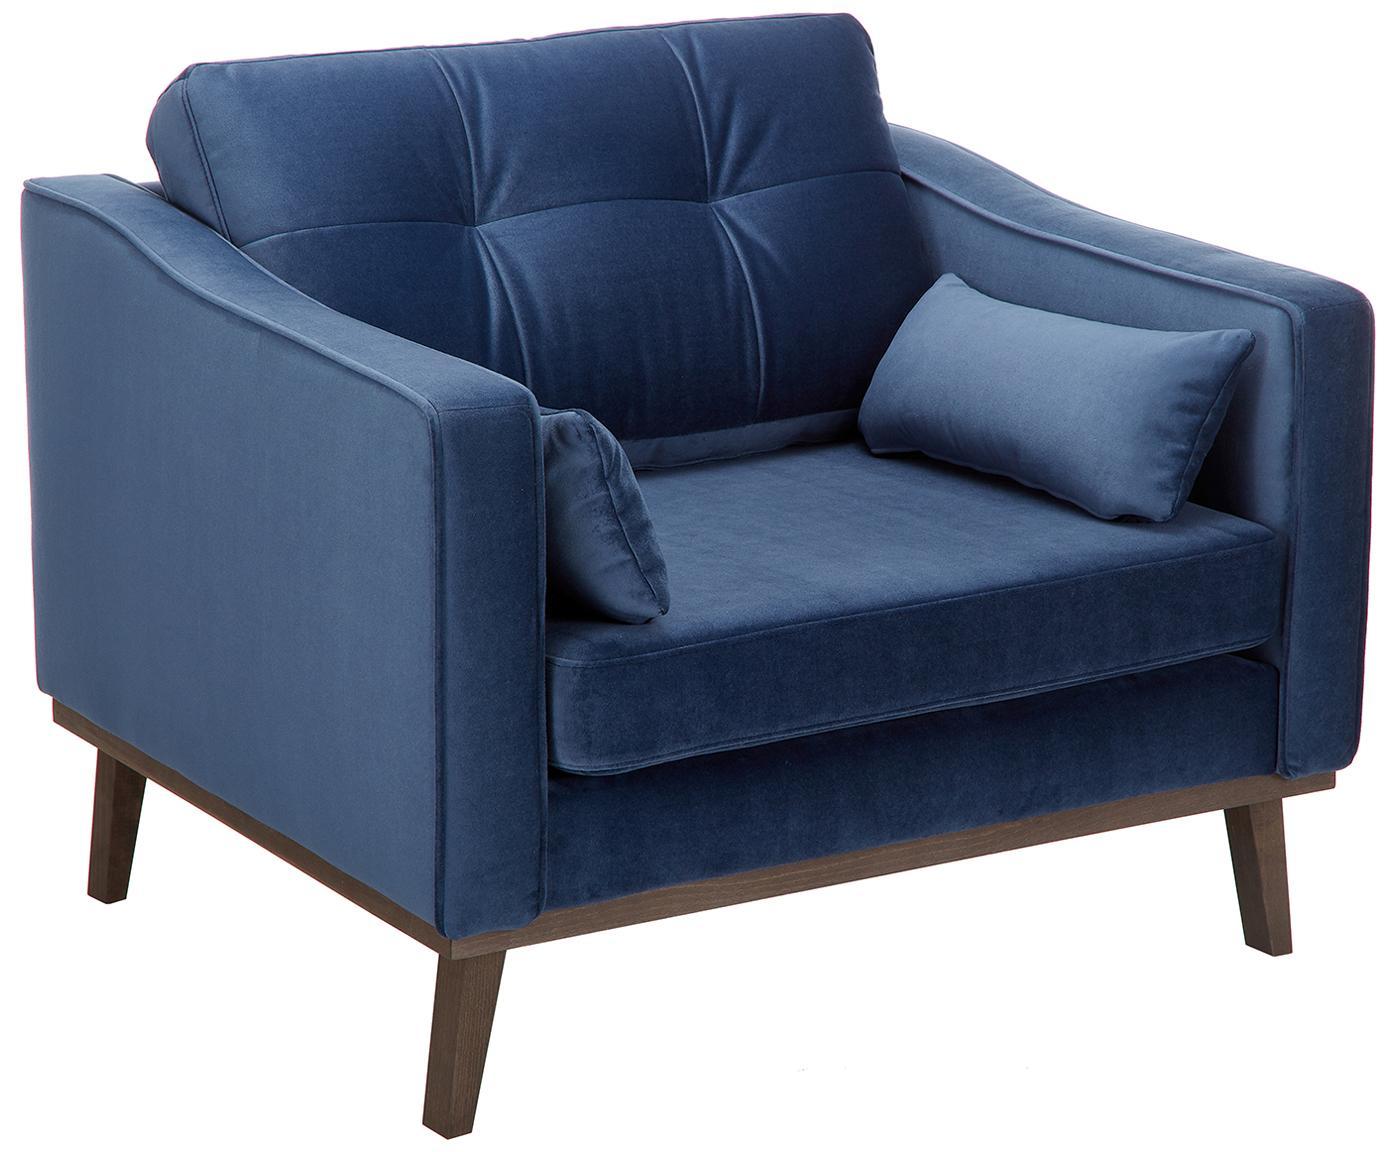 Fluwelen fauteuil Alva, Bekleding: fluweel (hoogwaardig poly, Frame: massief grenenhout, Poten: massief gebeitst beukenho, Marineblauw, B 102 x D 94 cm